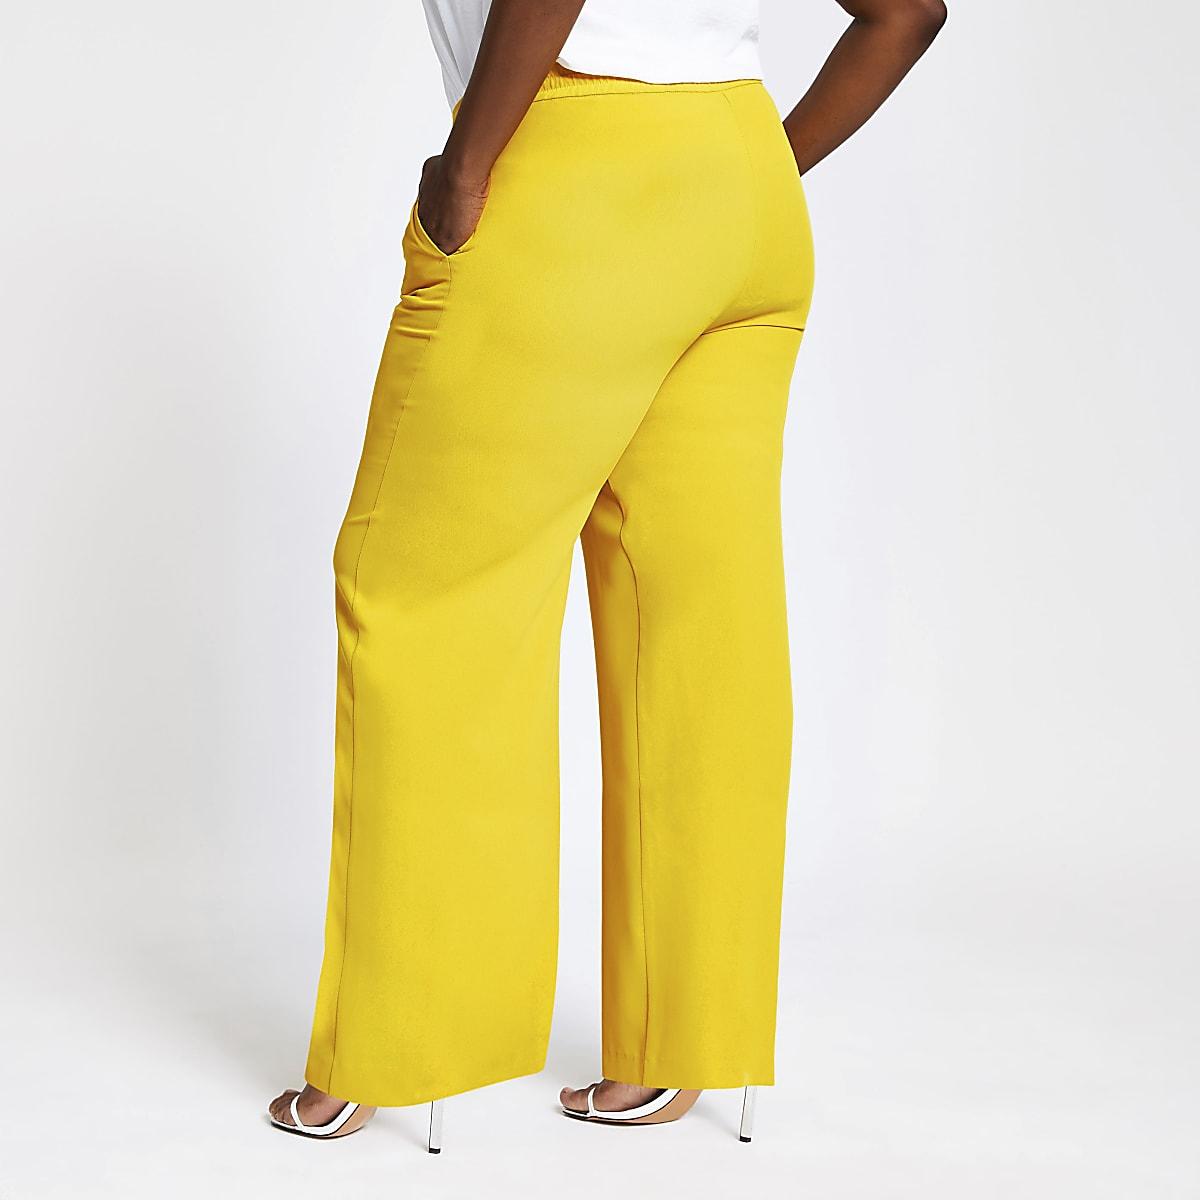 0f708dbb8afa Plus yellow wide leg pants - Wide Leg Pants - Pants - women